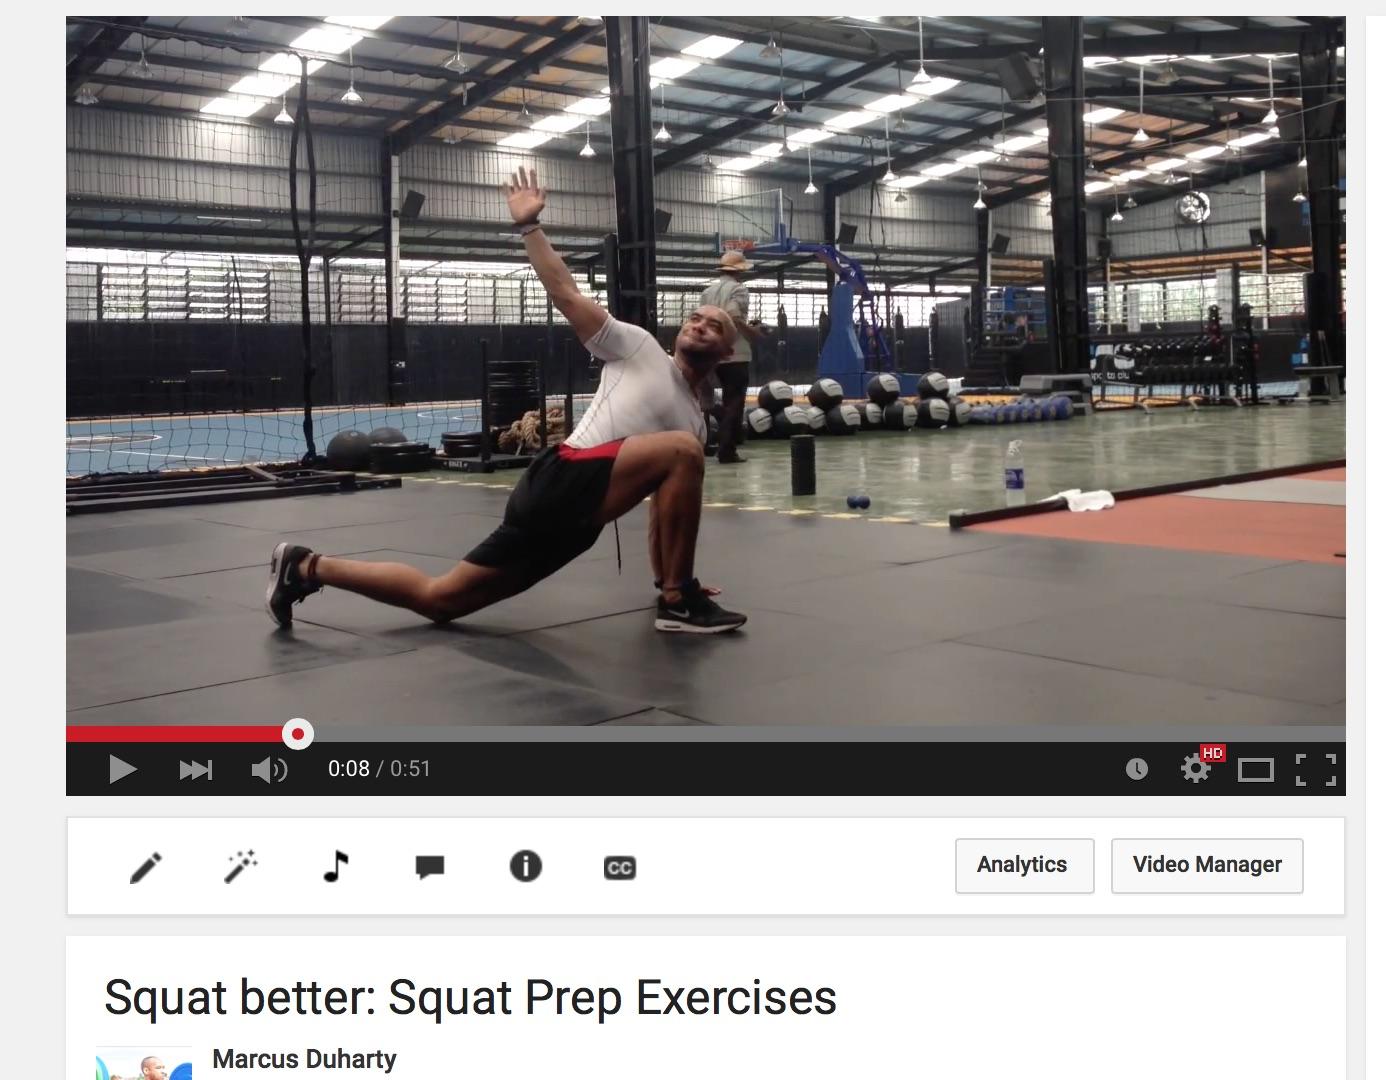 Squat better guaranteed